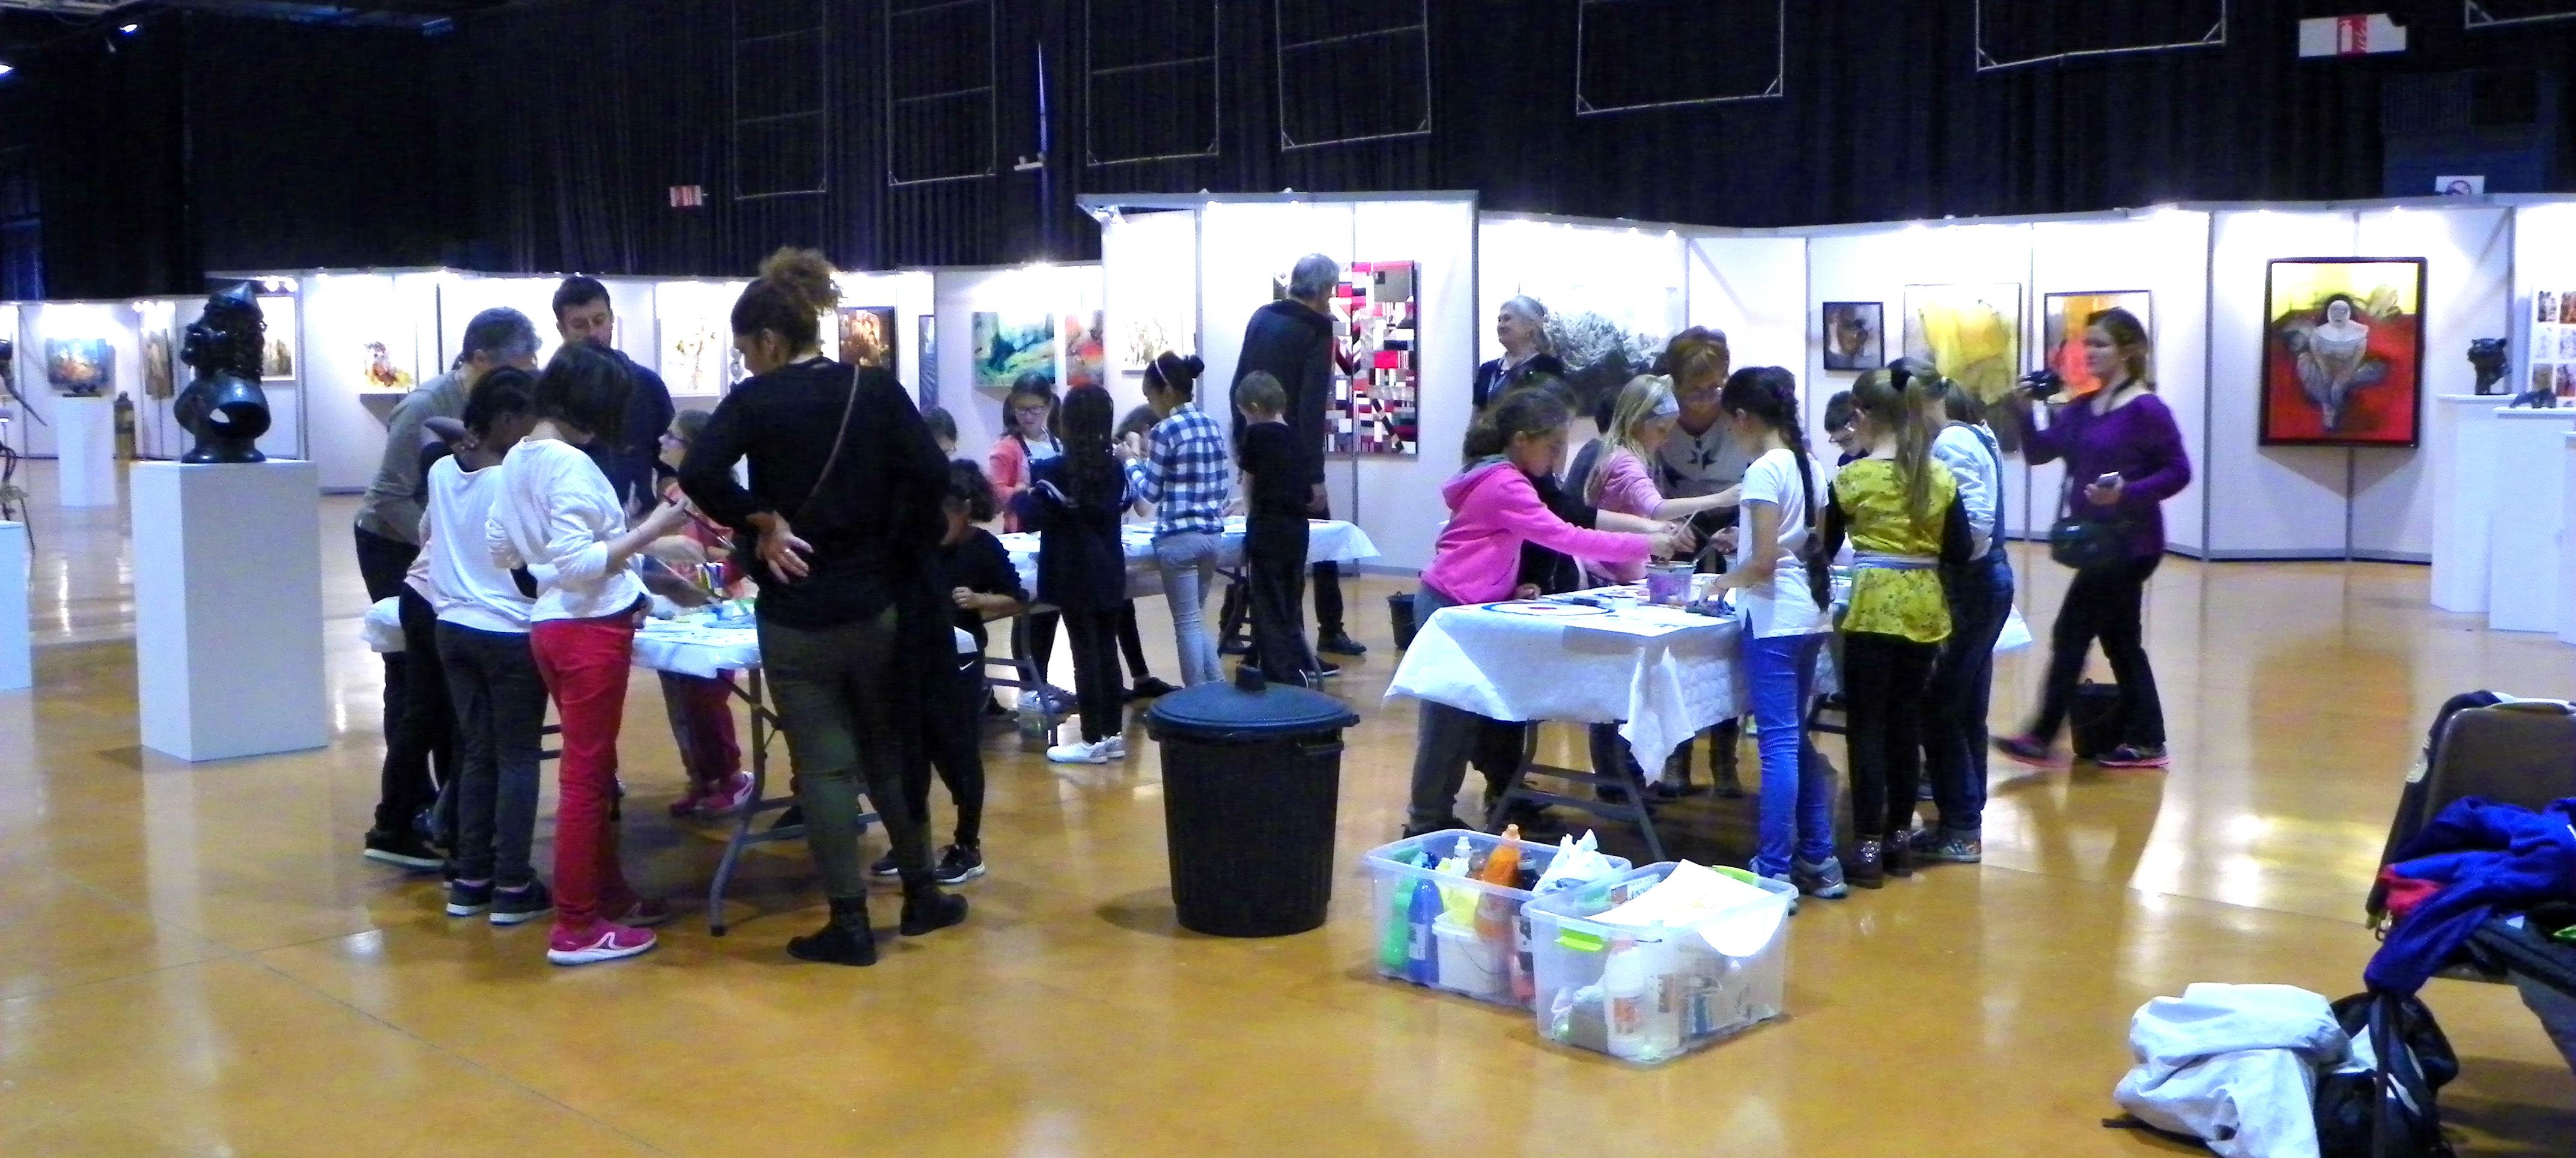 Ateliers avec les enfants au 45ème salon d'automne de Colomiers